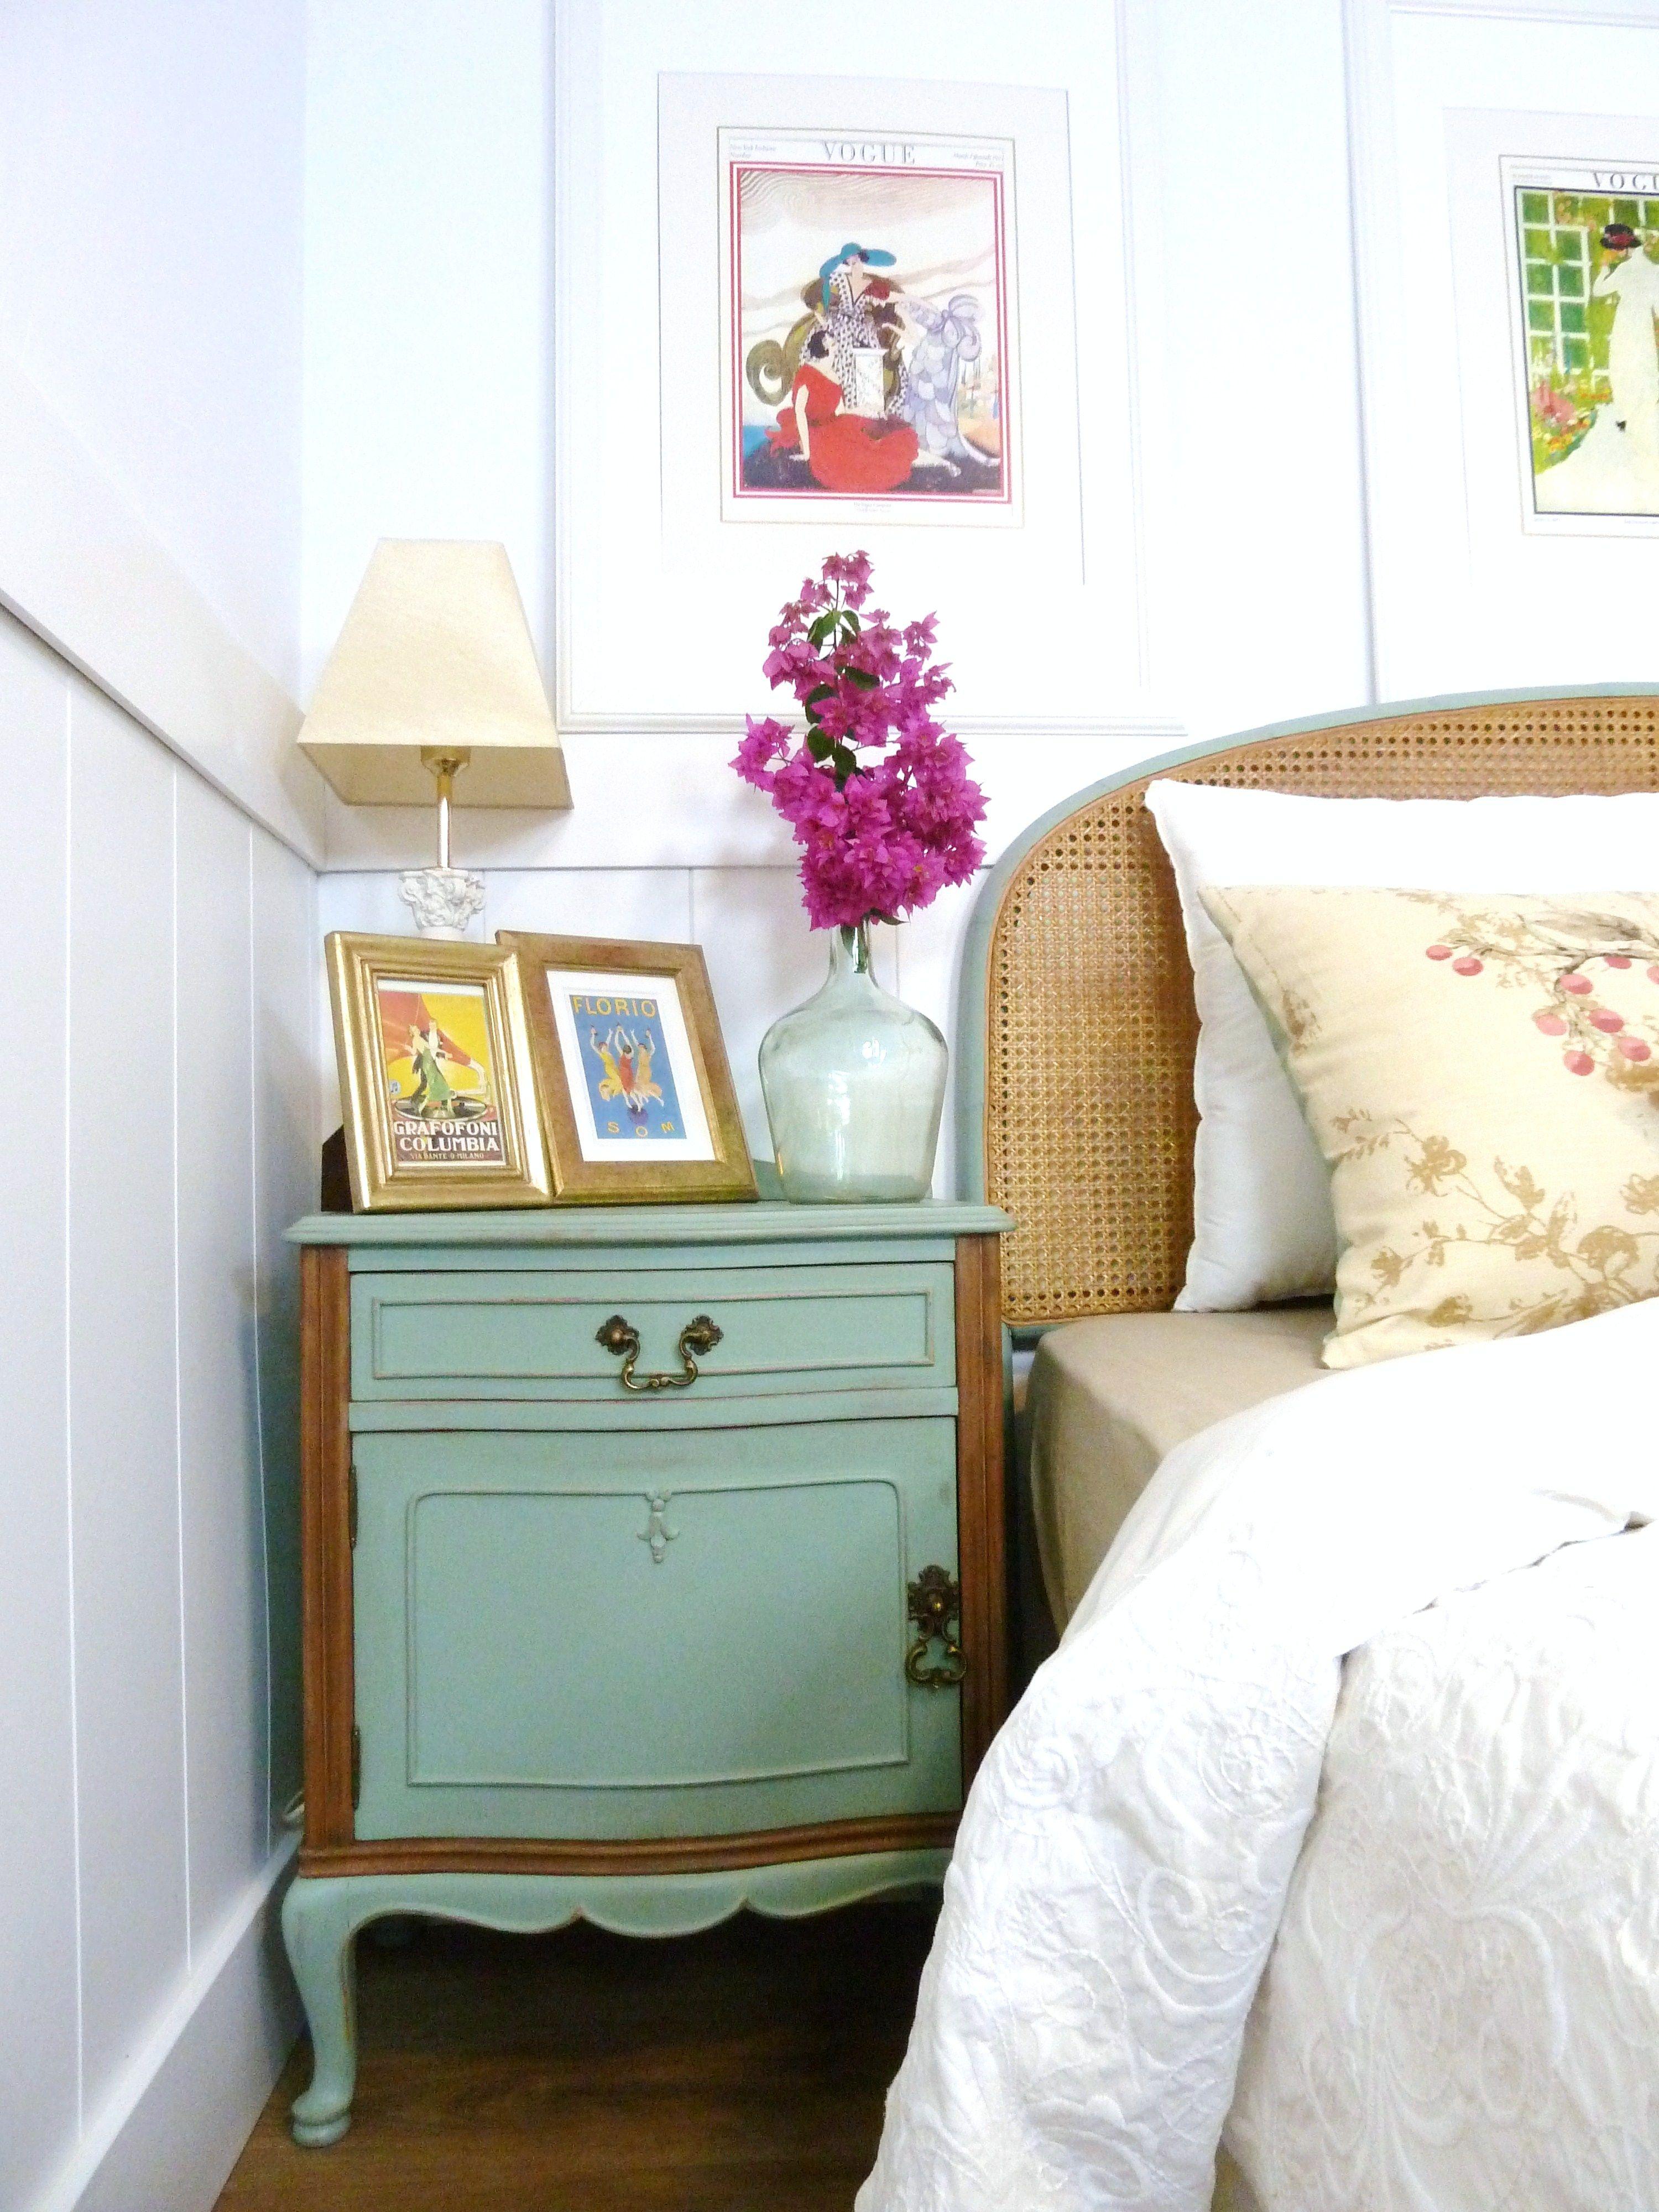 Mesita de madera con caj n y puerta pintada en color for Pintura para puerta de madera exterior